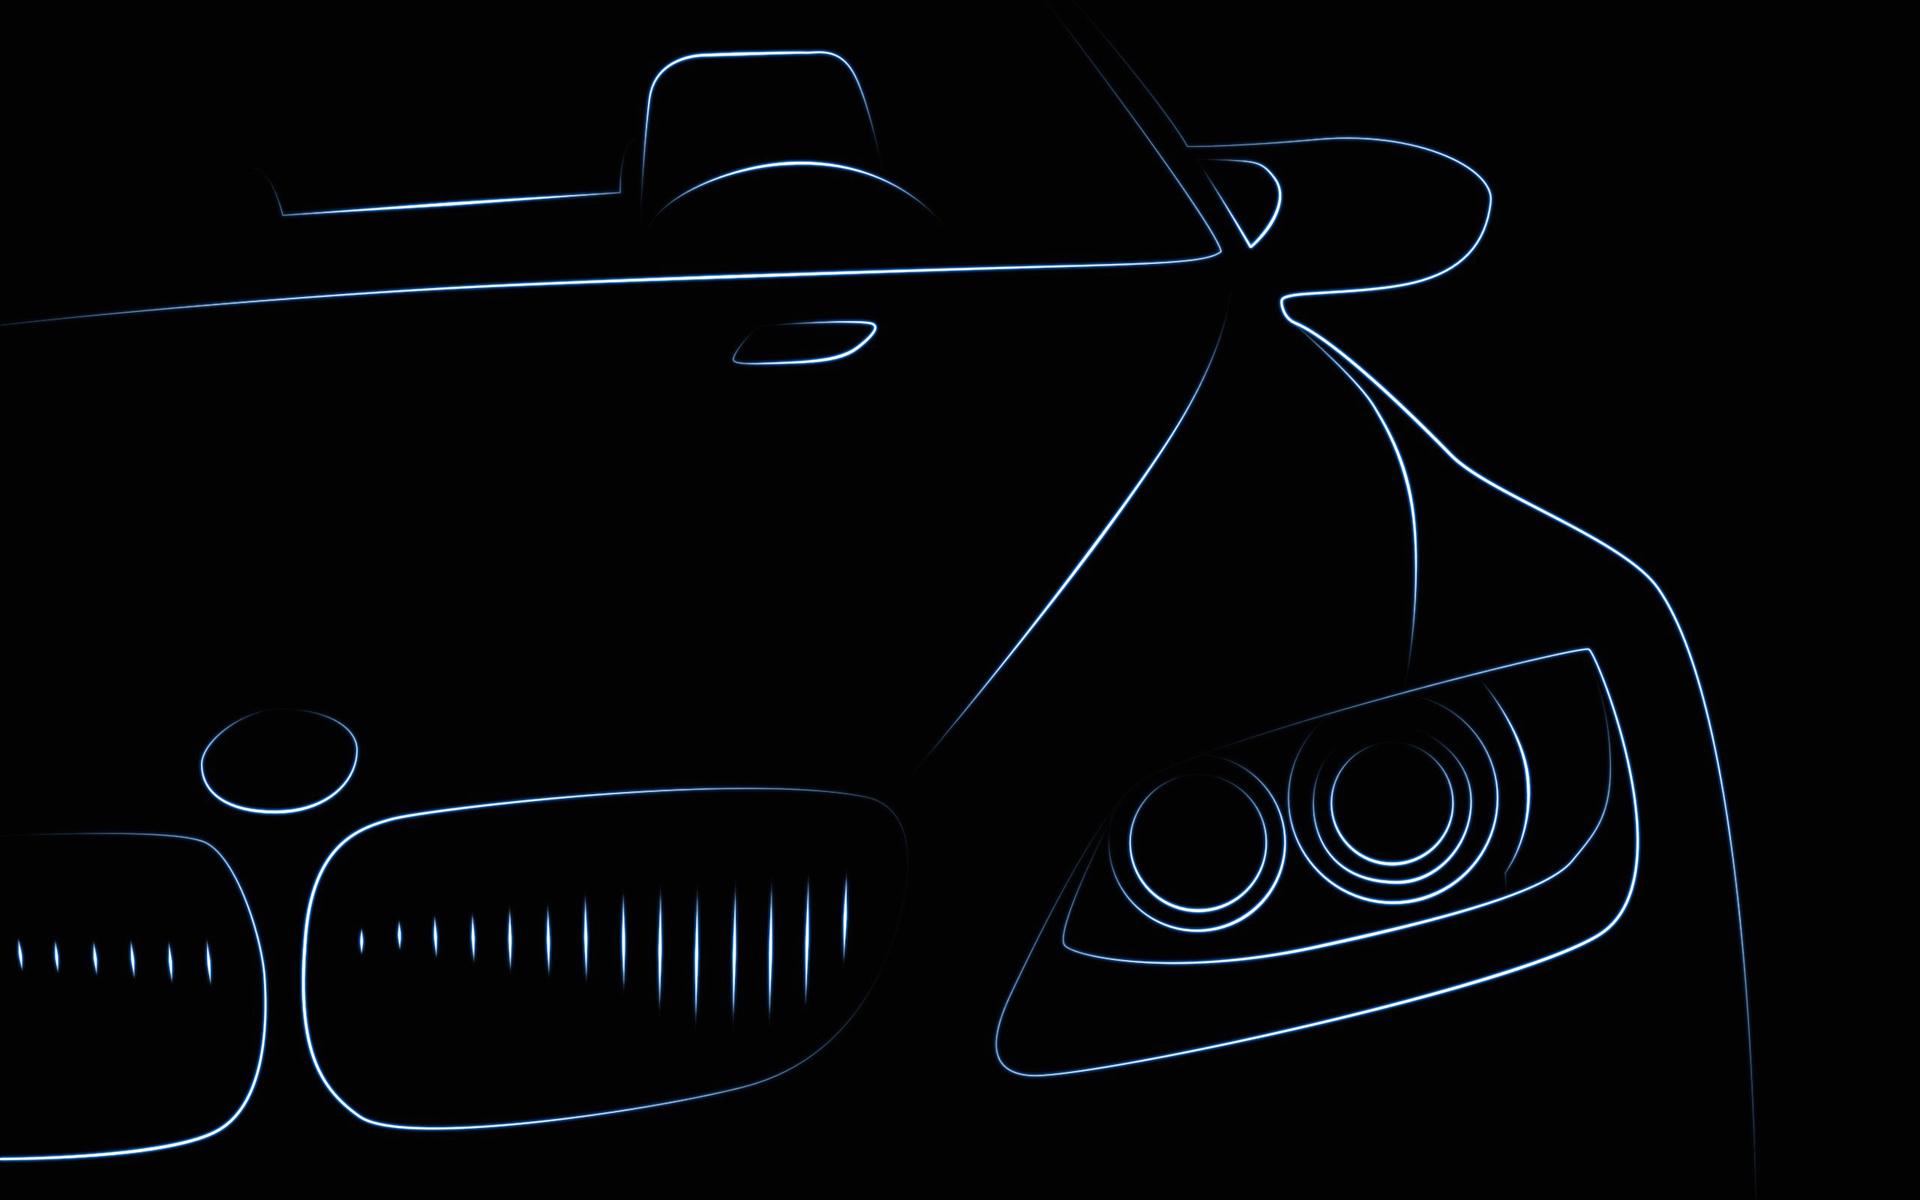 Картинка BMW Фары Спереди Автомобили Рисованные Векторная графика БМВ фар авто машины машина автомобиль